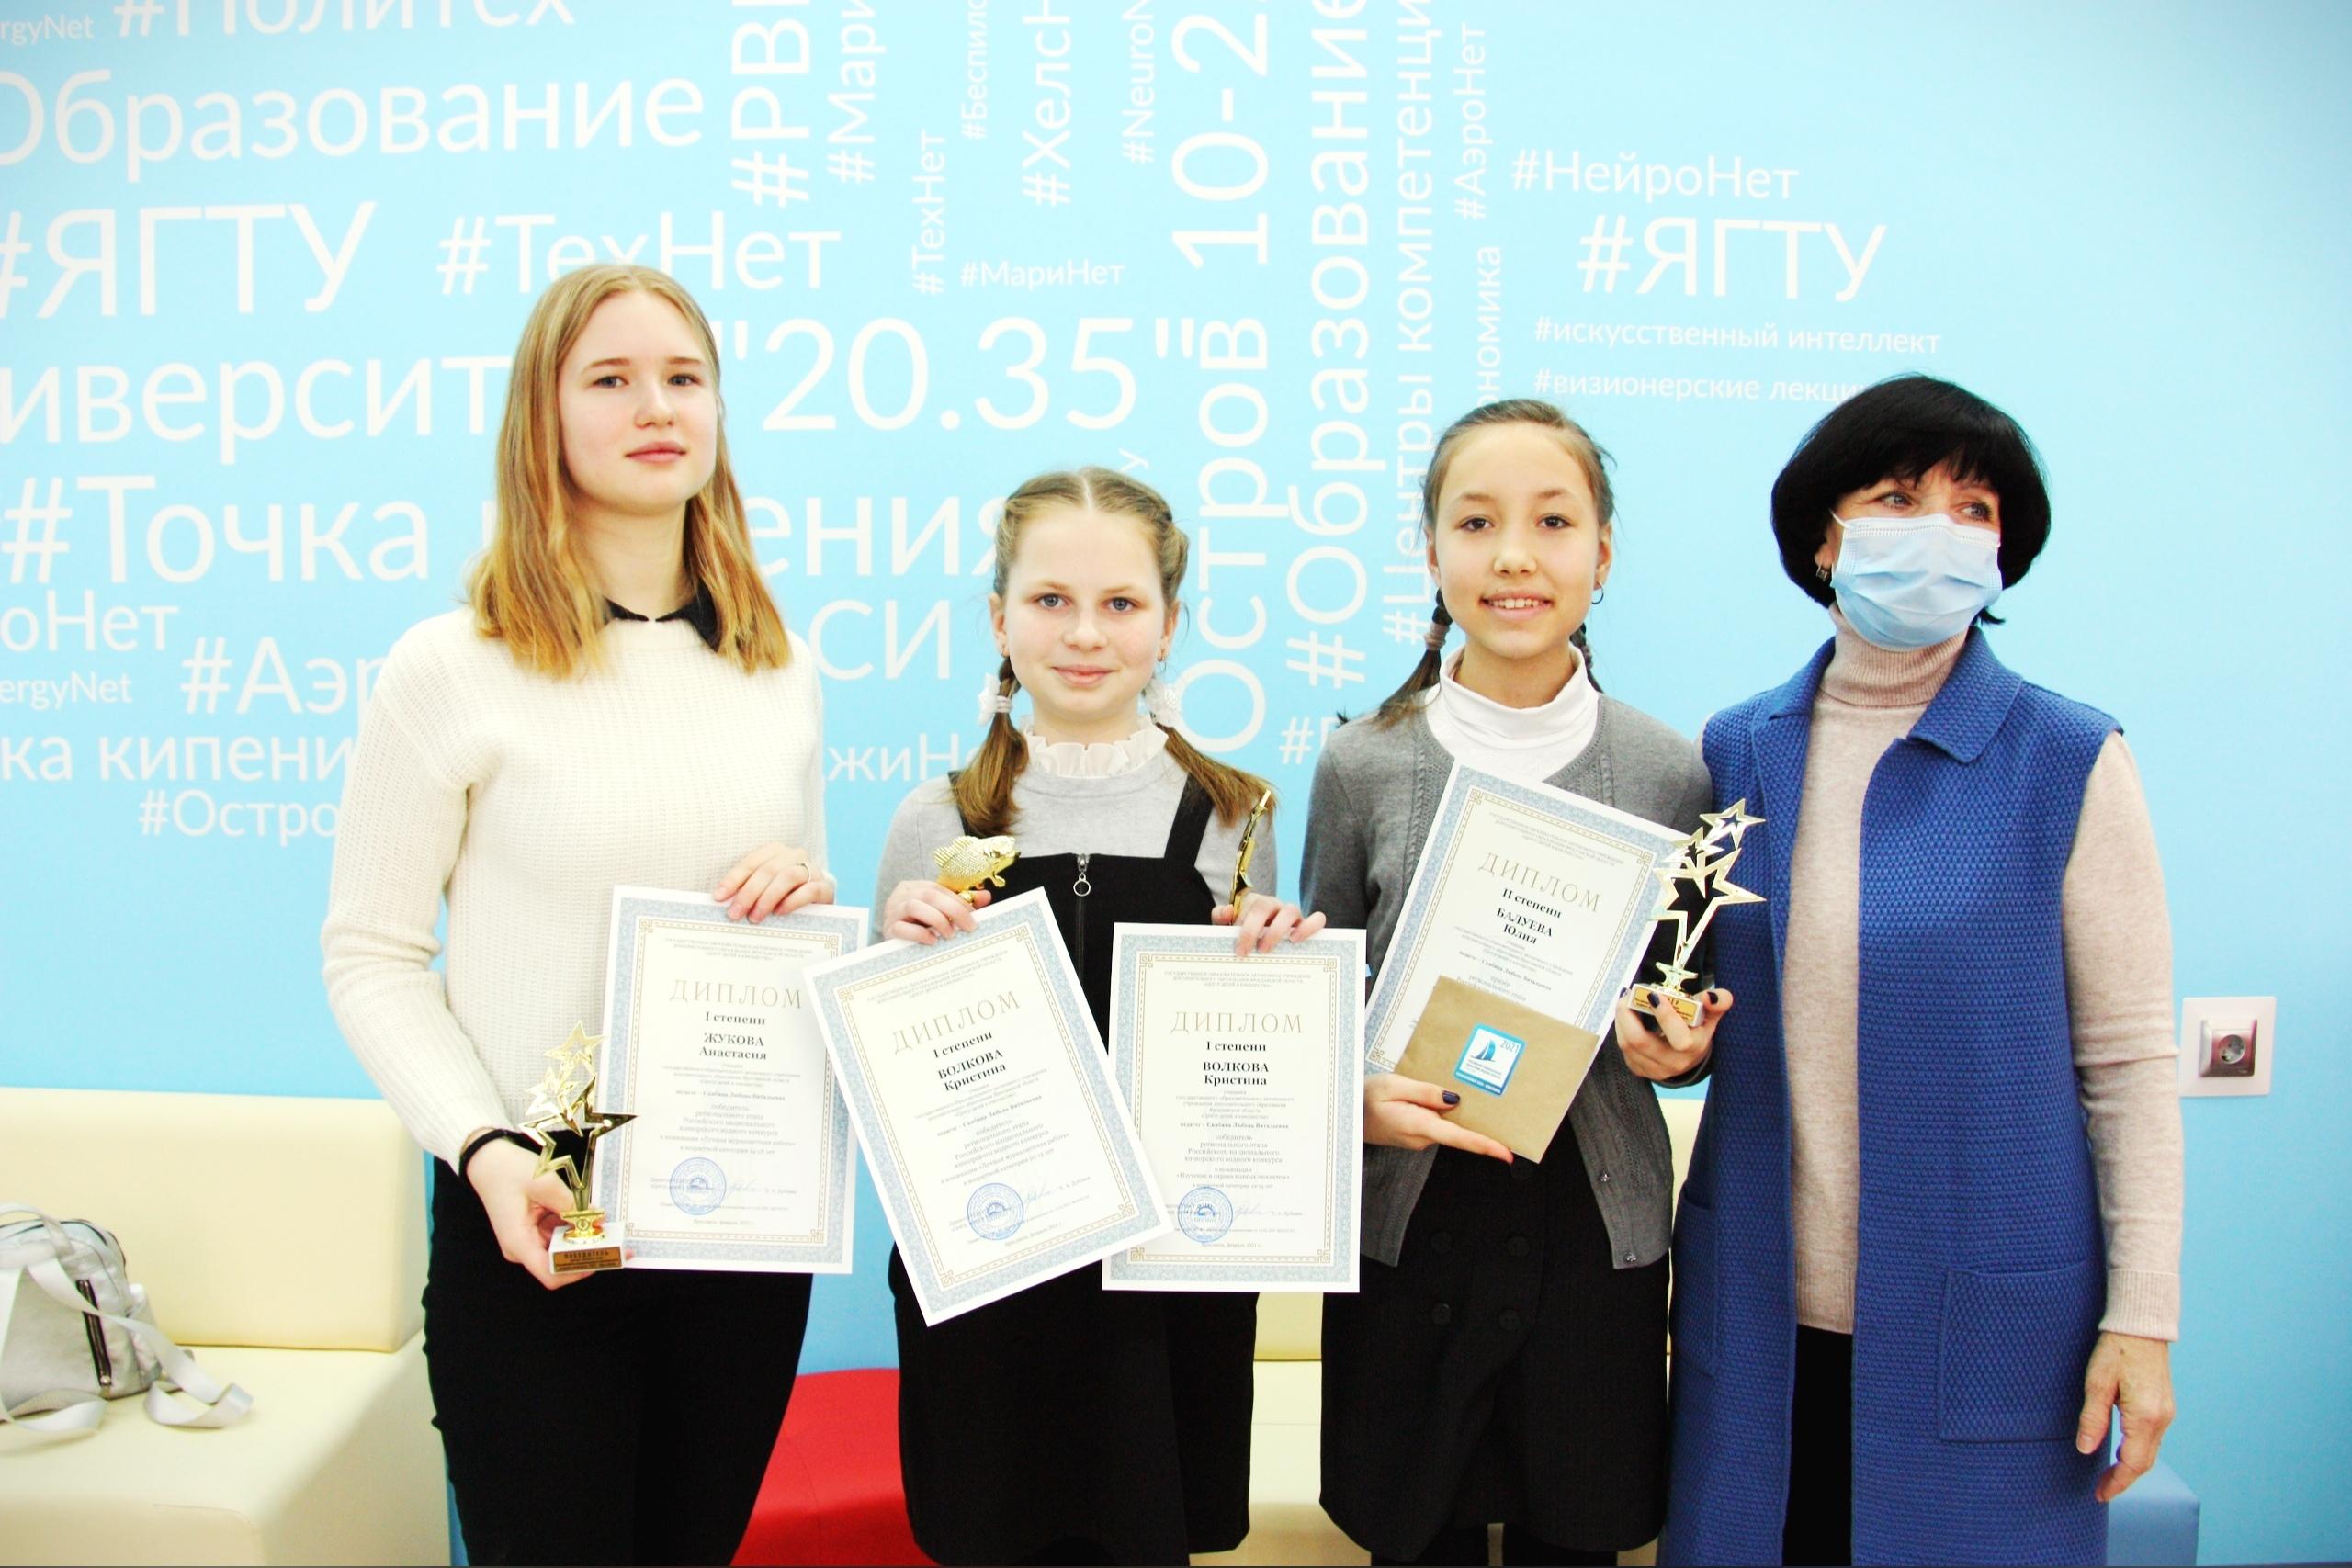 Наградили победителей и призеров Водного конкурса-2021